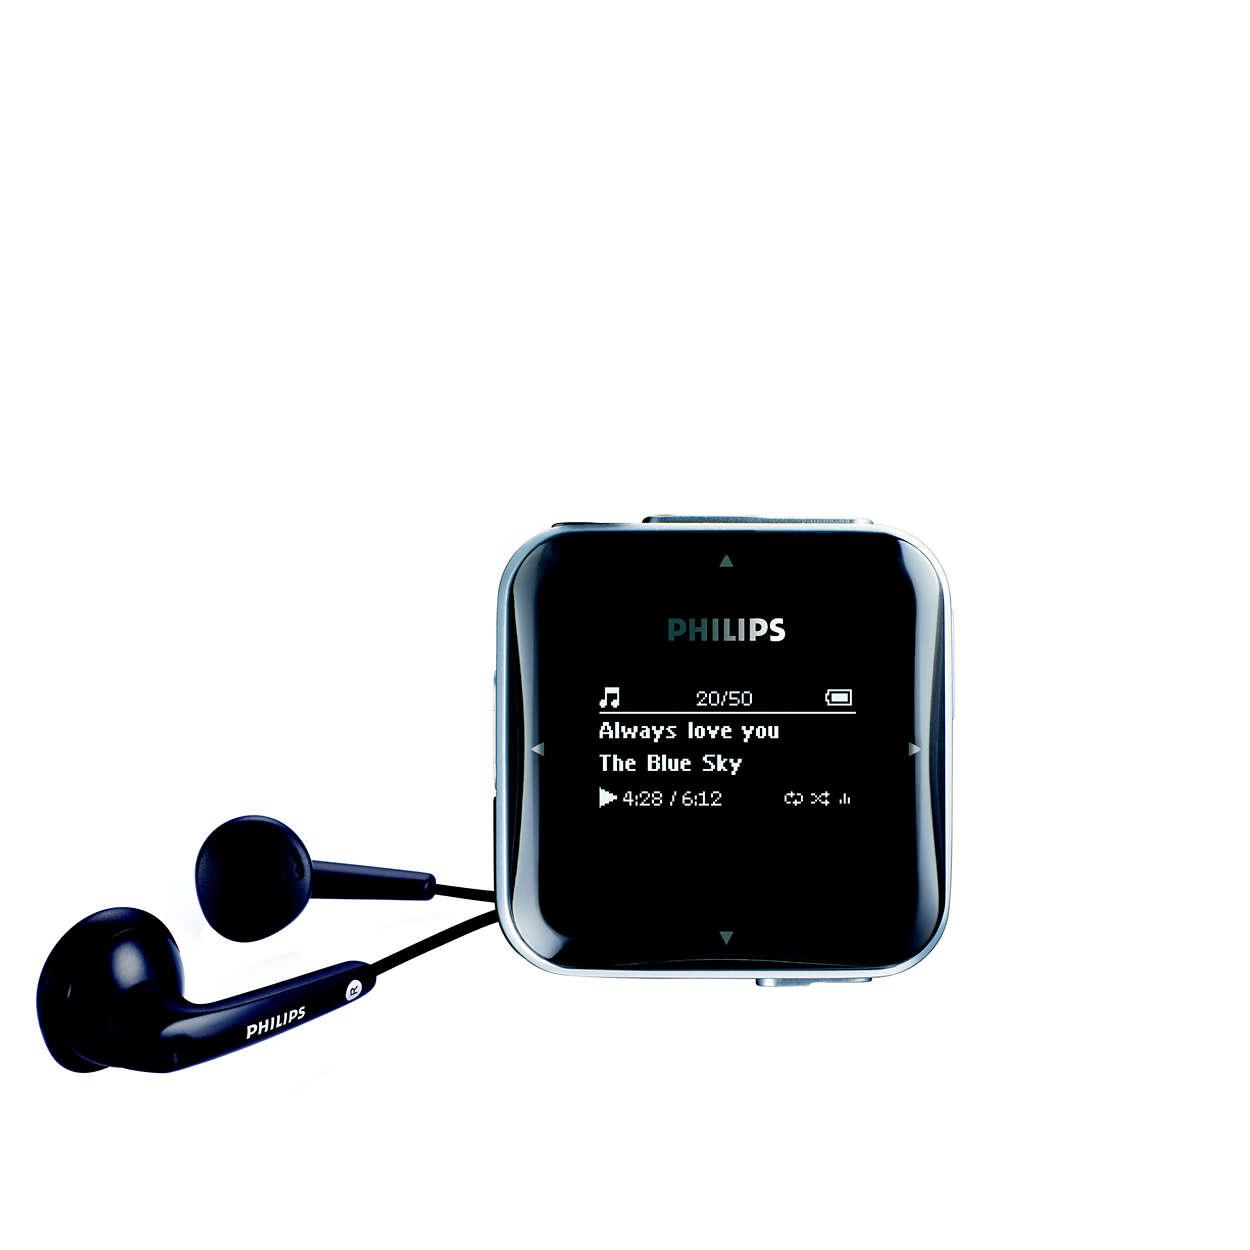 Ψηφιακή μουσική - κάθε στιγμή